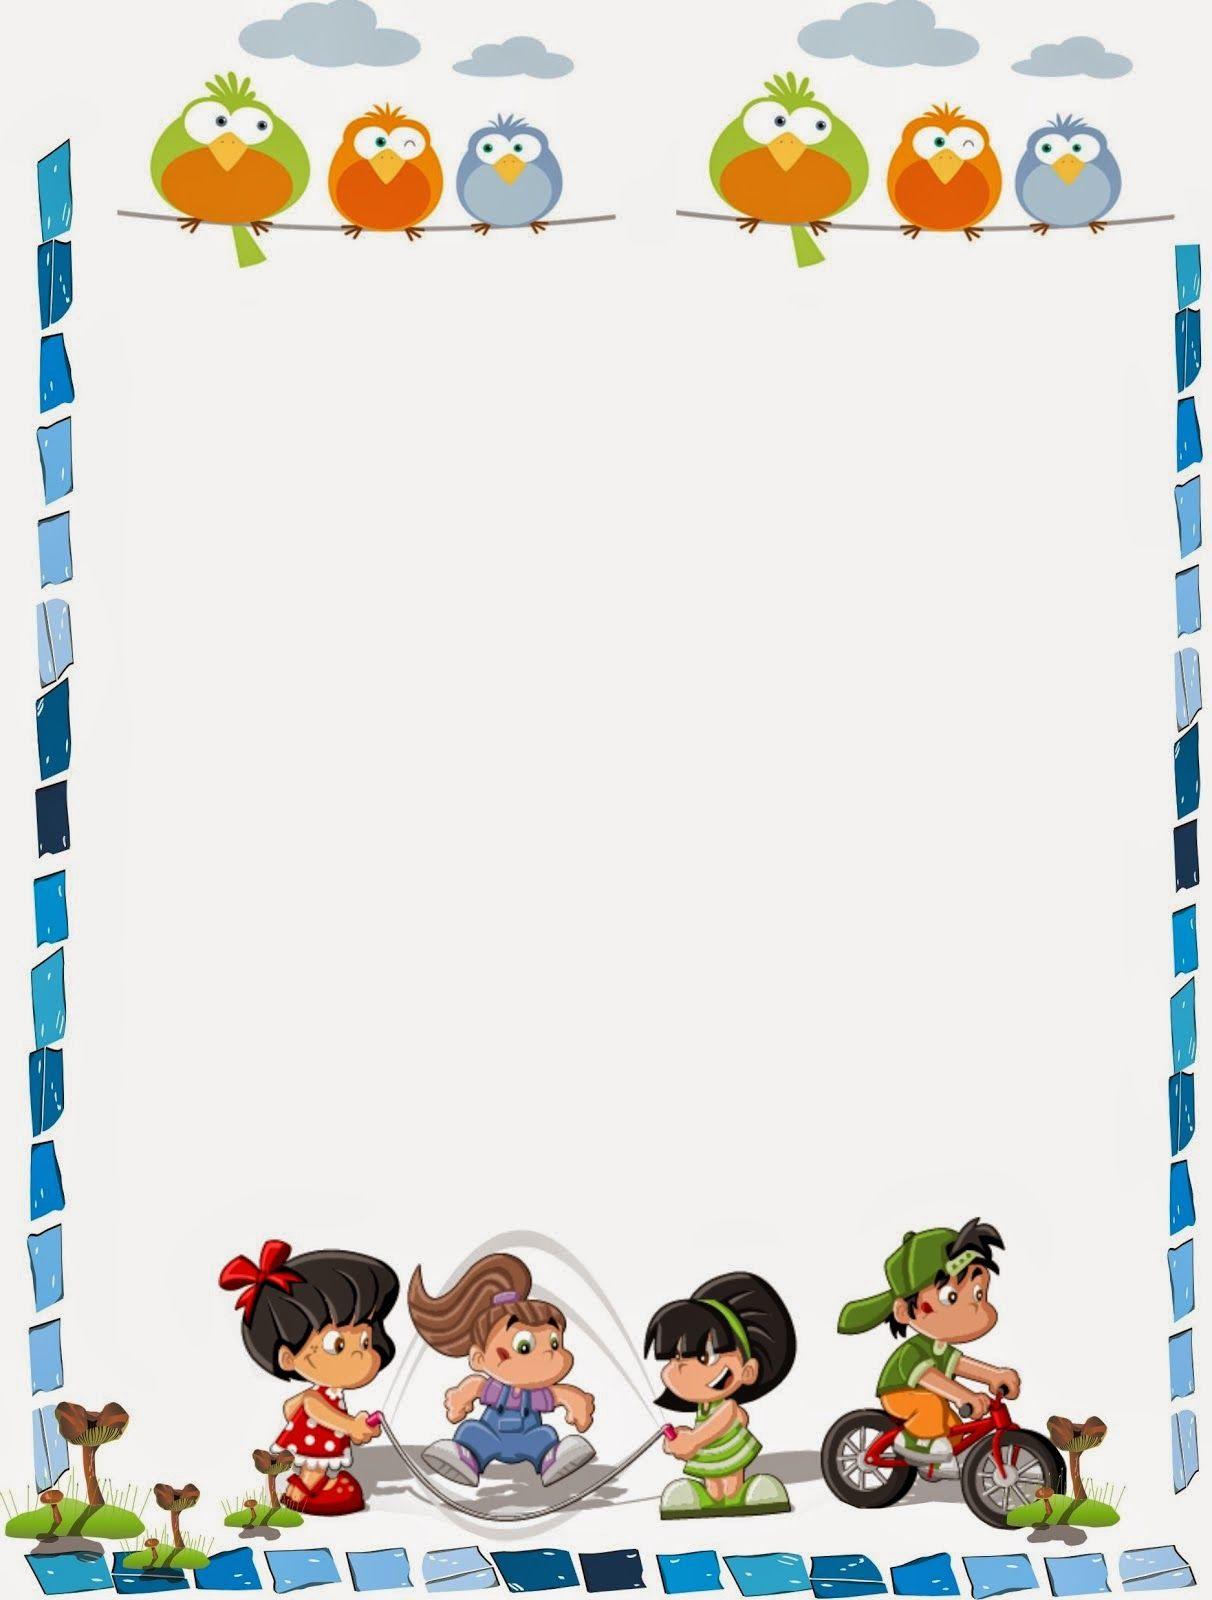 caratula para niños de kinder | margenes | Pinterest | Niños de ...